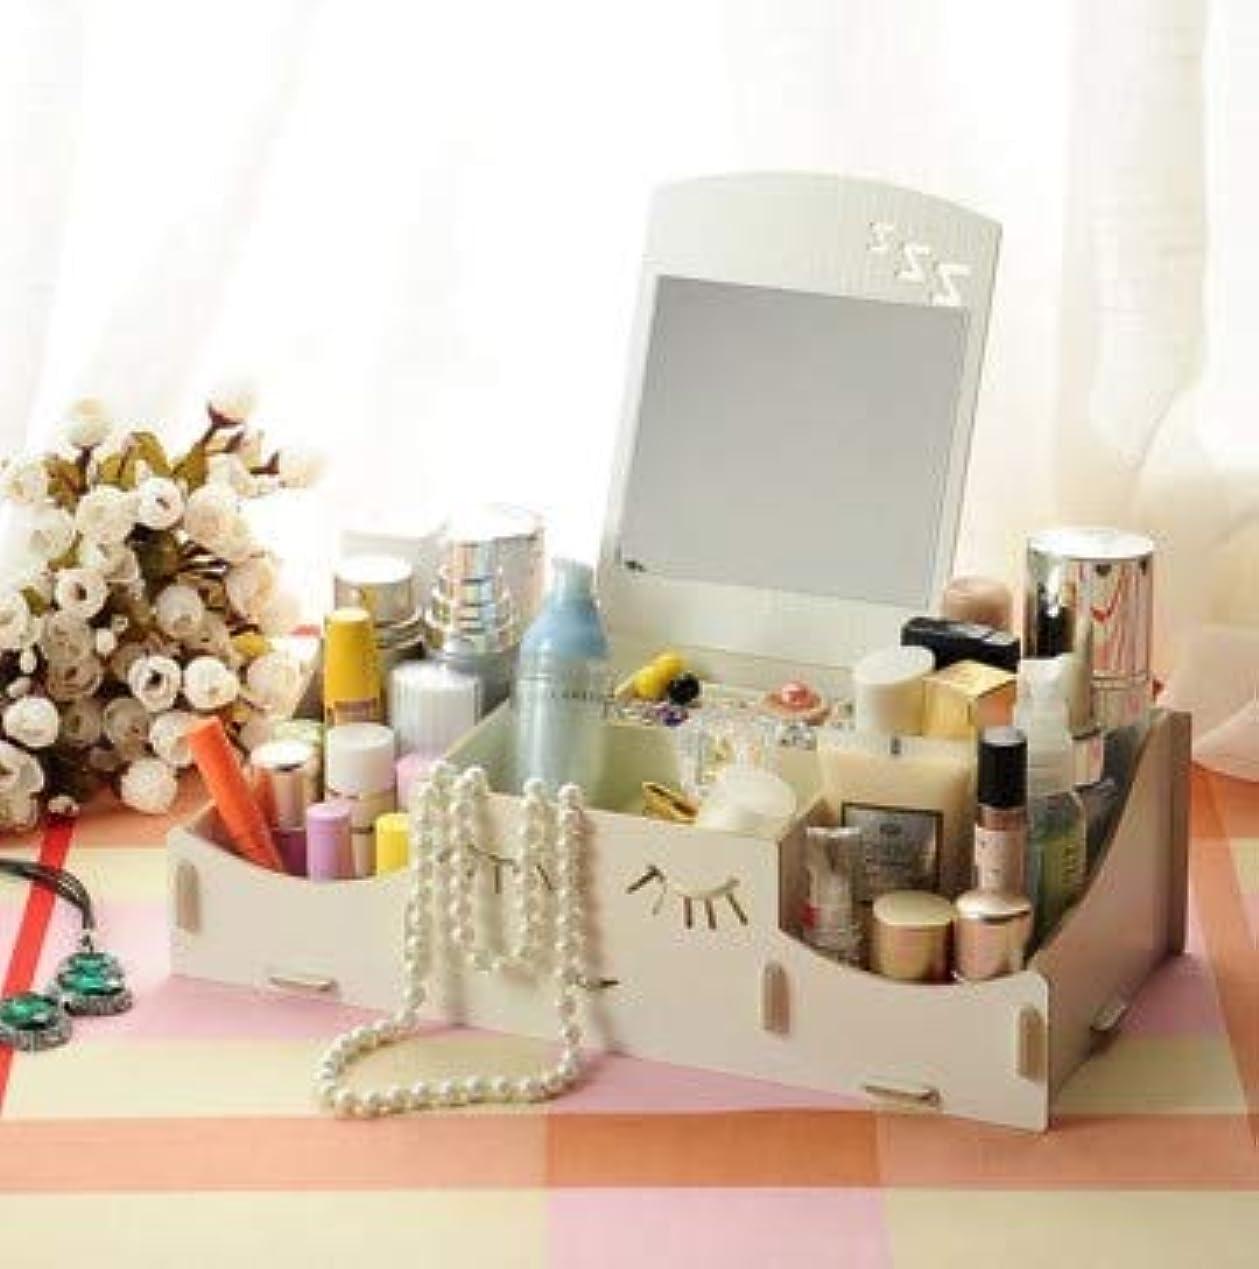 サイレントイレ悪化するスマイリー木製クリエイティブ収納ボックス手作りデスクトップミラー化粧品収納ボックス化粧品収納ボックス (Color : ホワイト)